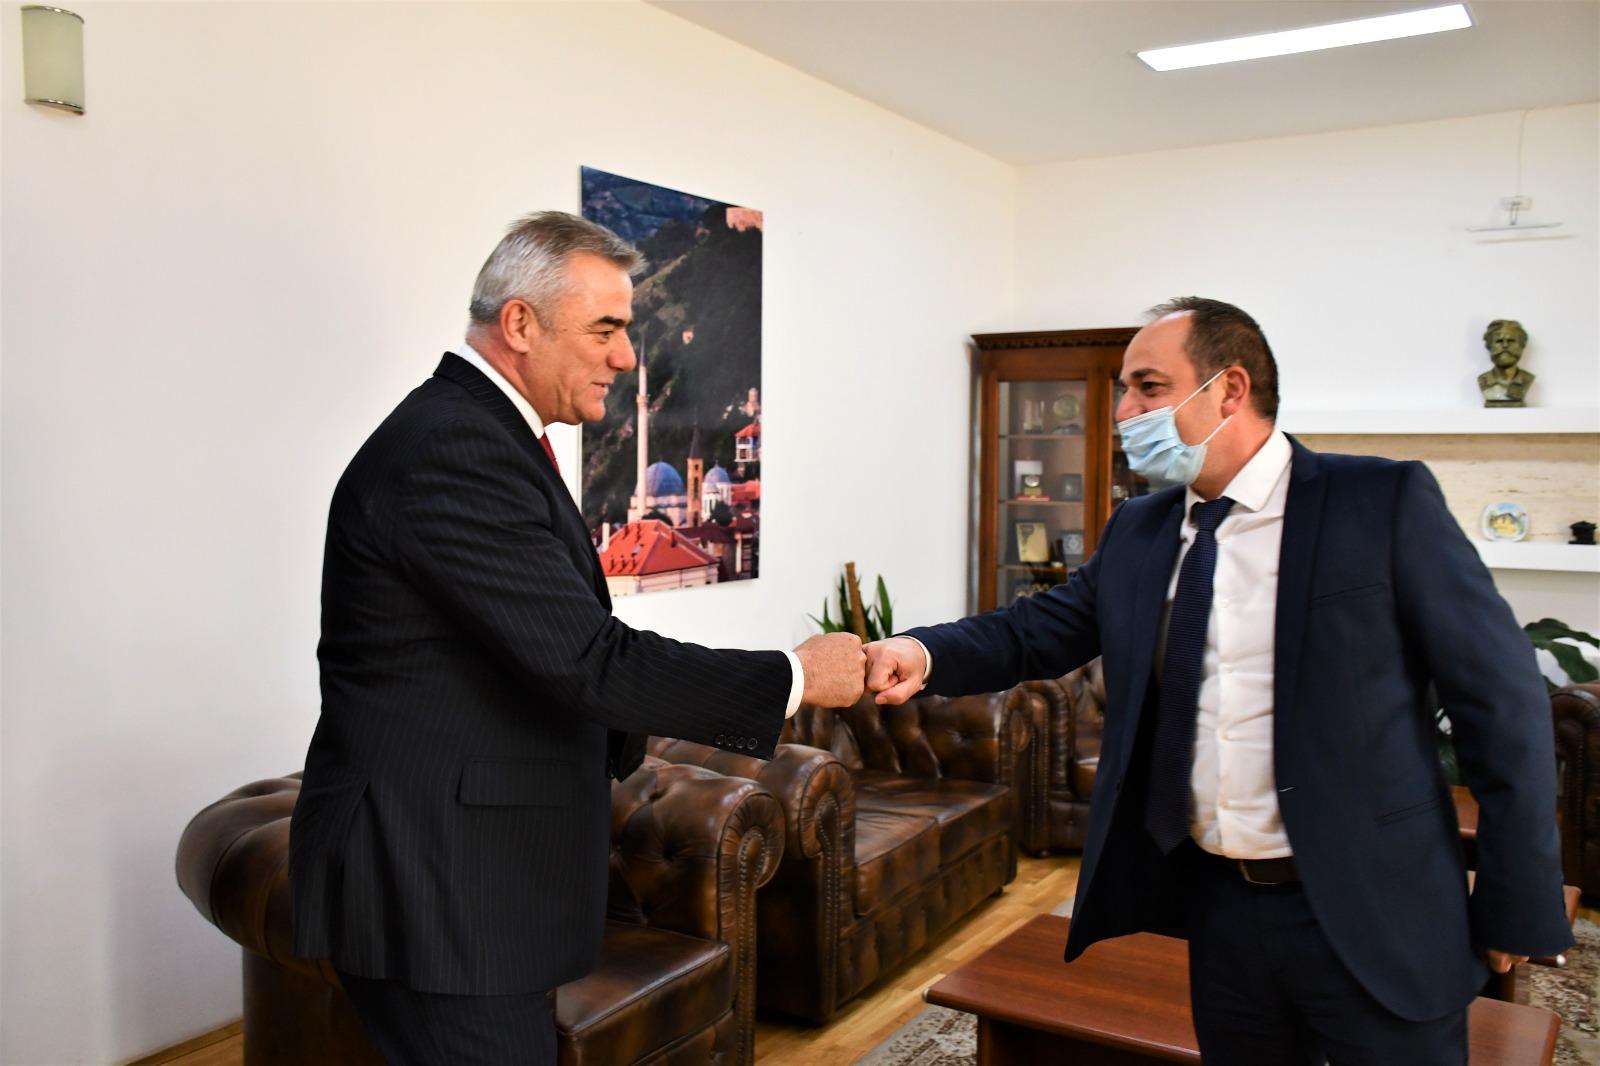 Vizitë komunës së Prizrenit Posjeta Opstine Prizren